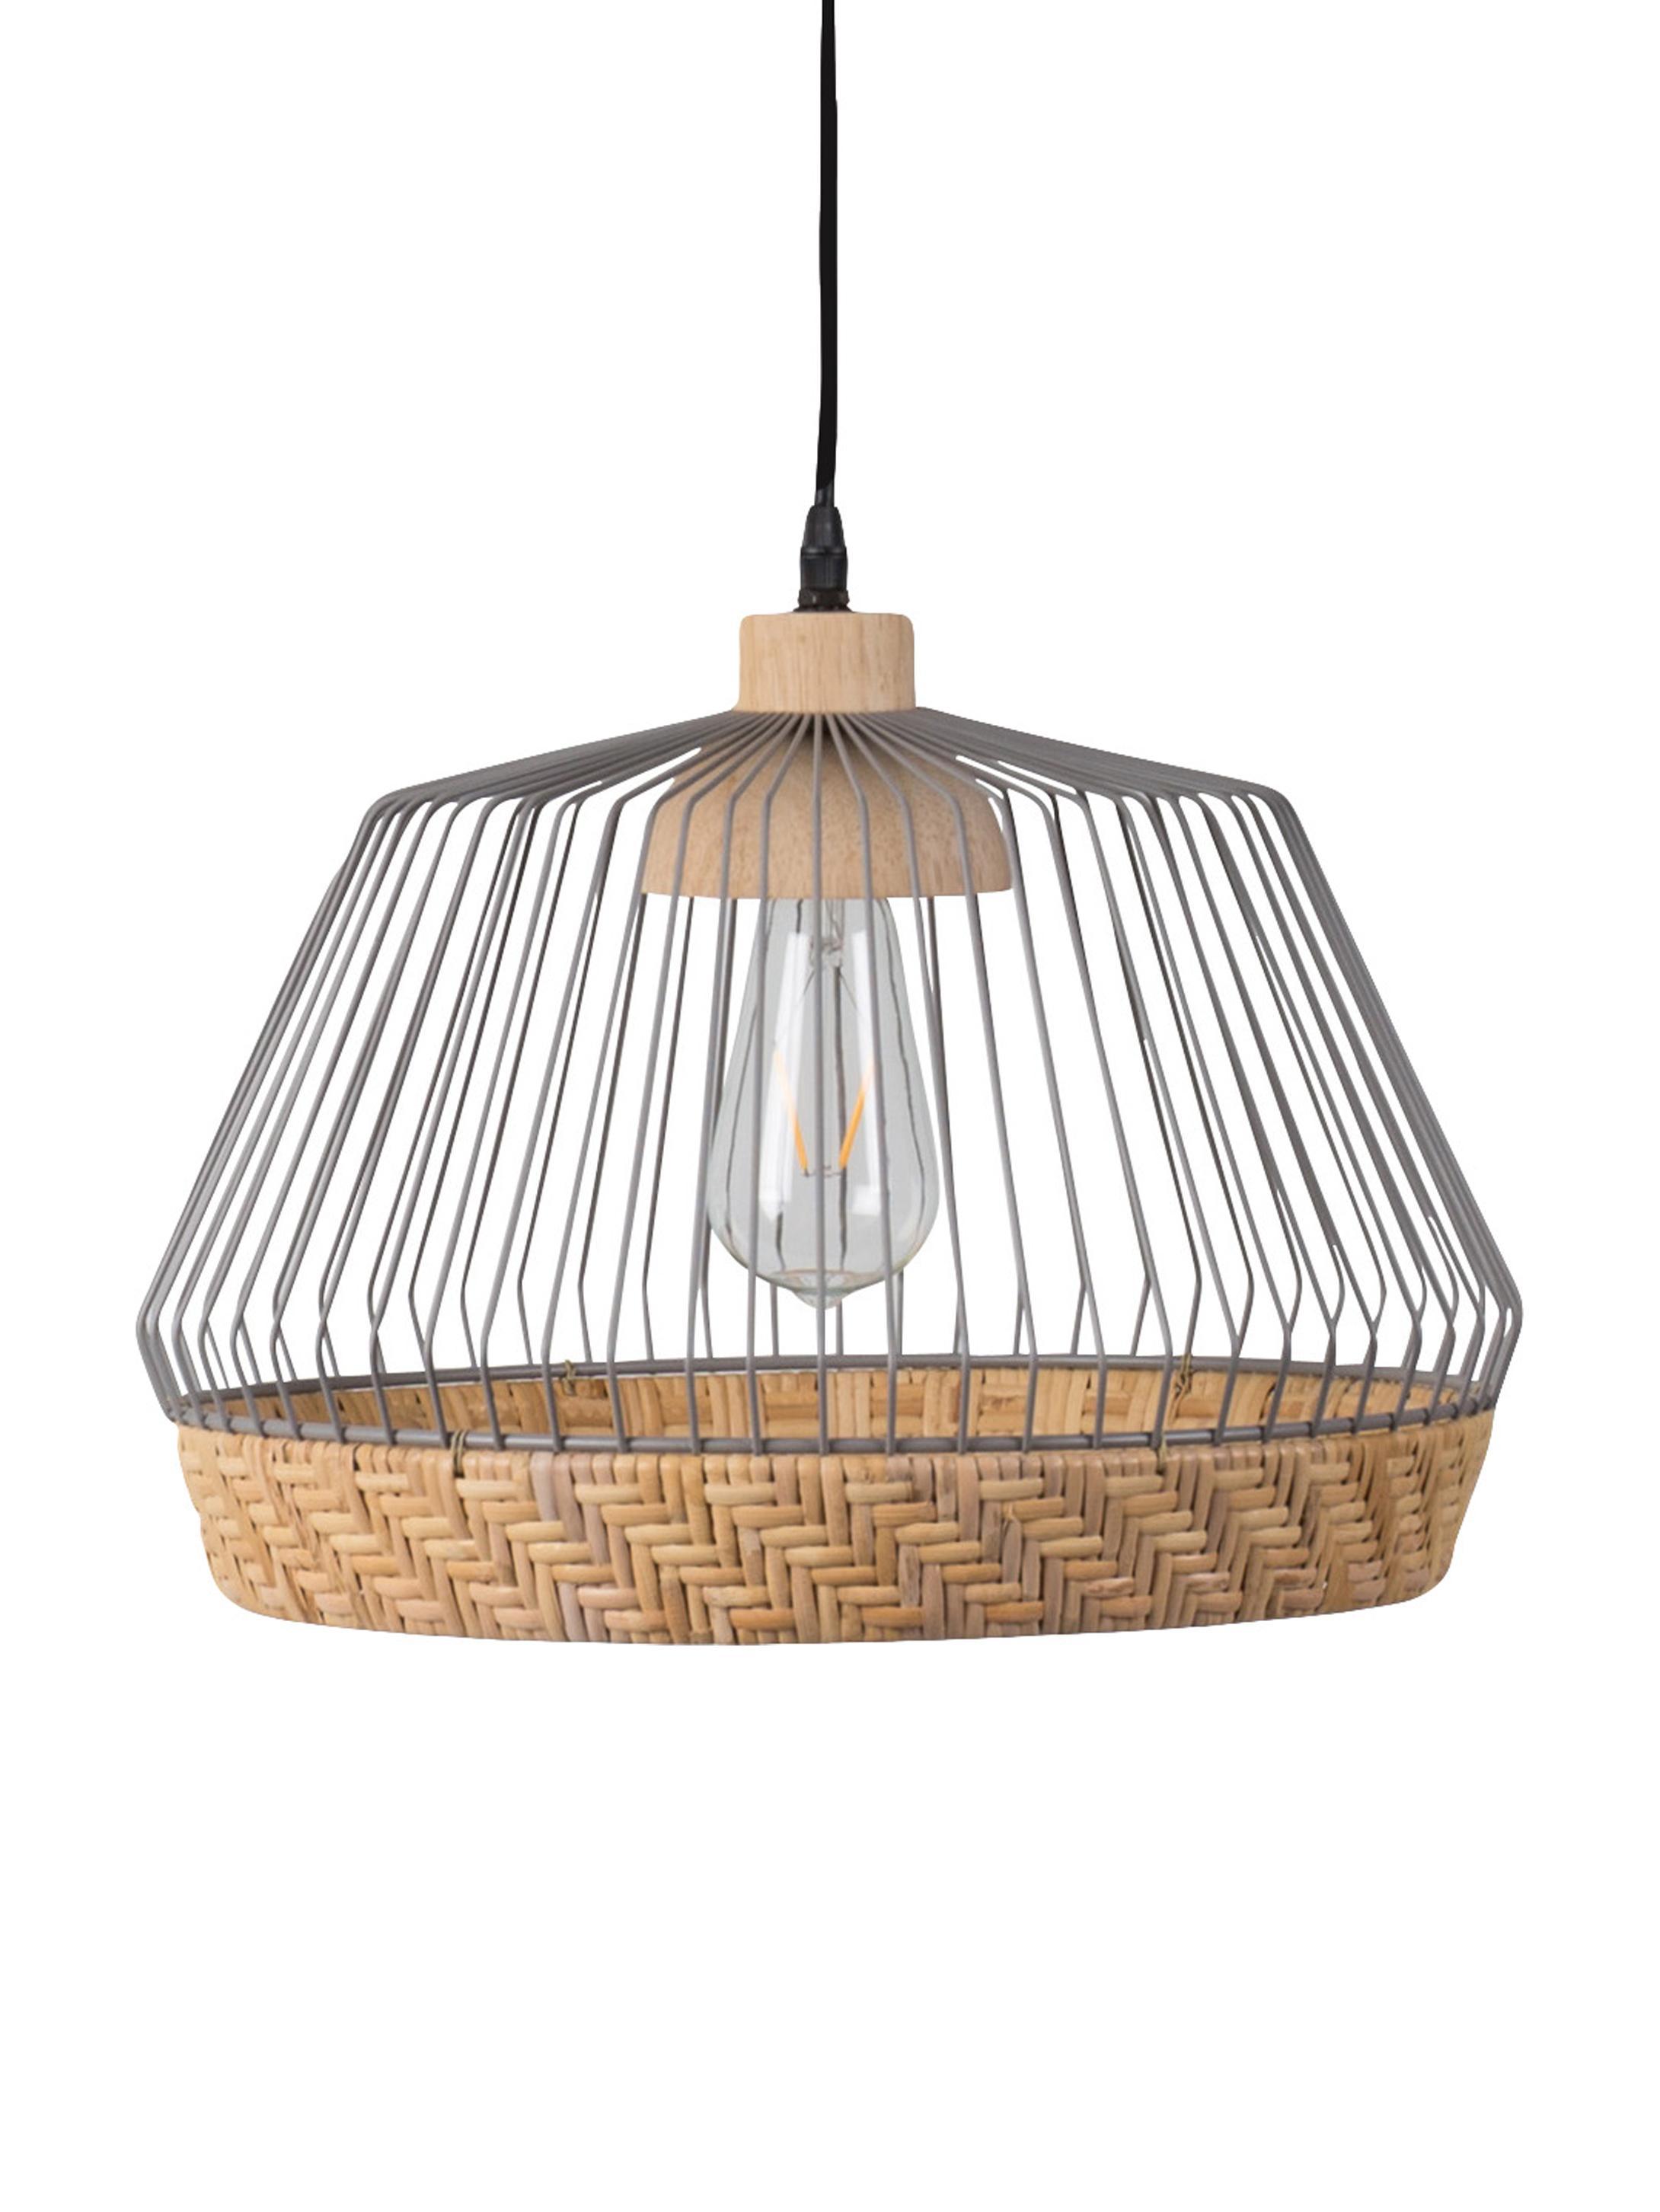 Lámpara de techo Birdy, Pantalla: ratán, metal pintado, Fijación: madera de caucho, Anclaje: metal pintado, Pantalla: ratán, gris claro Fijación: madera de caucho, Ø 38 x Al 27 cm